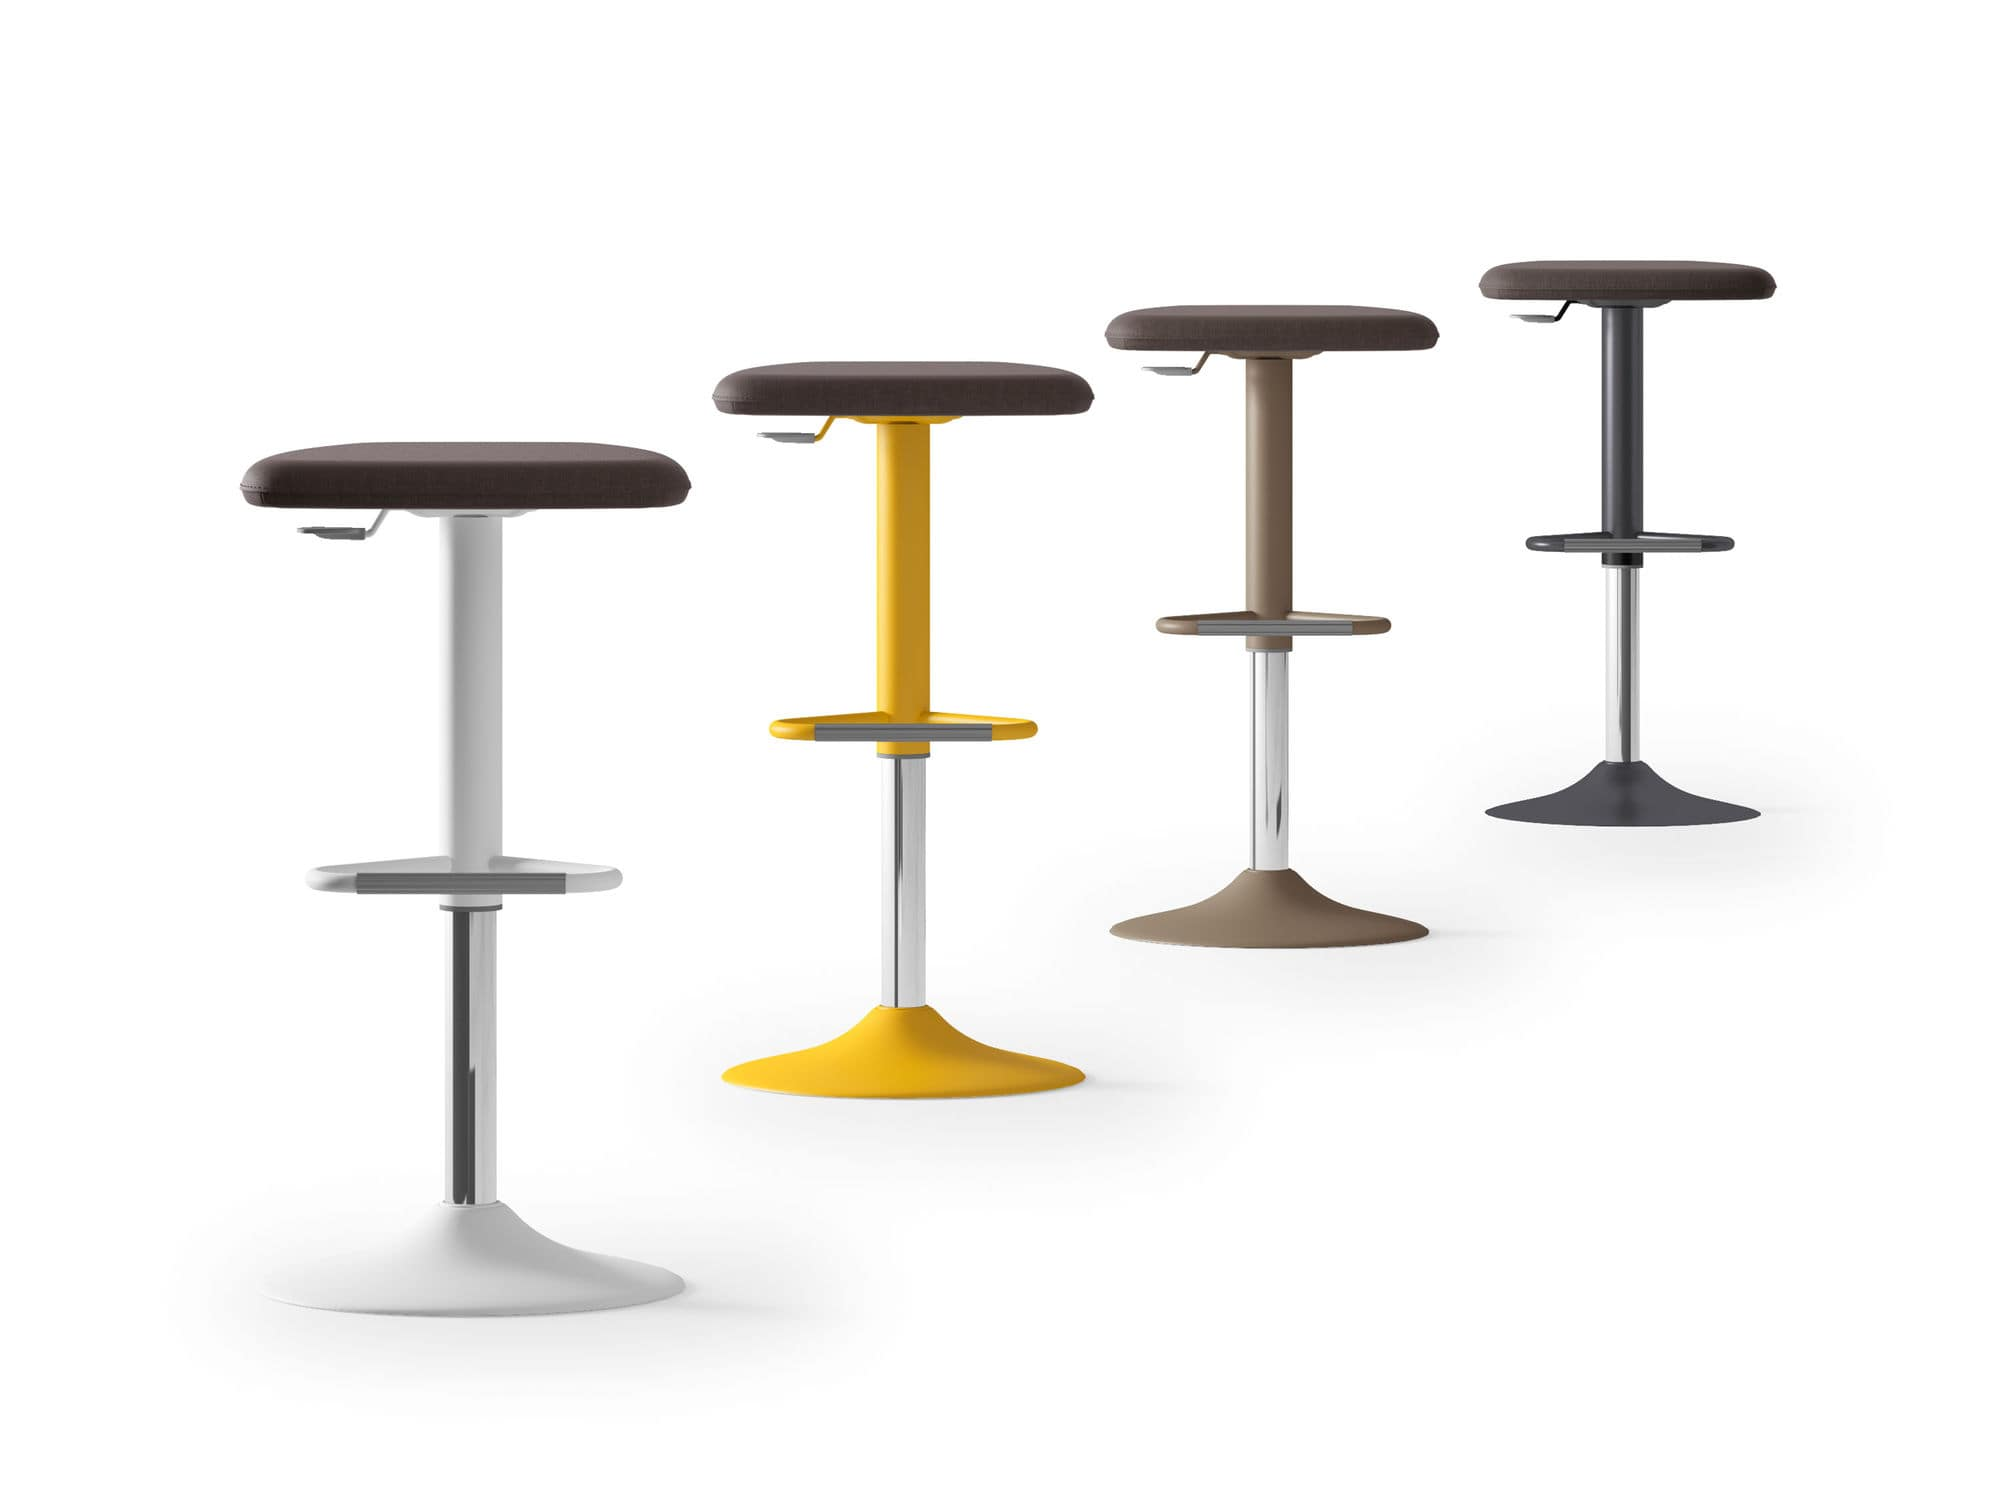 Stil sedie sgabello cucina bar ristorante sala slot modello